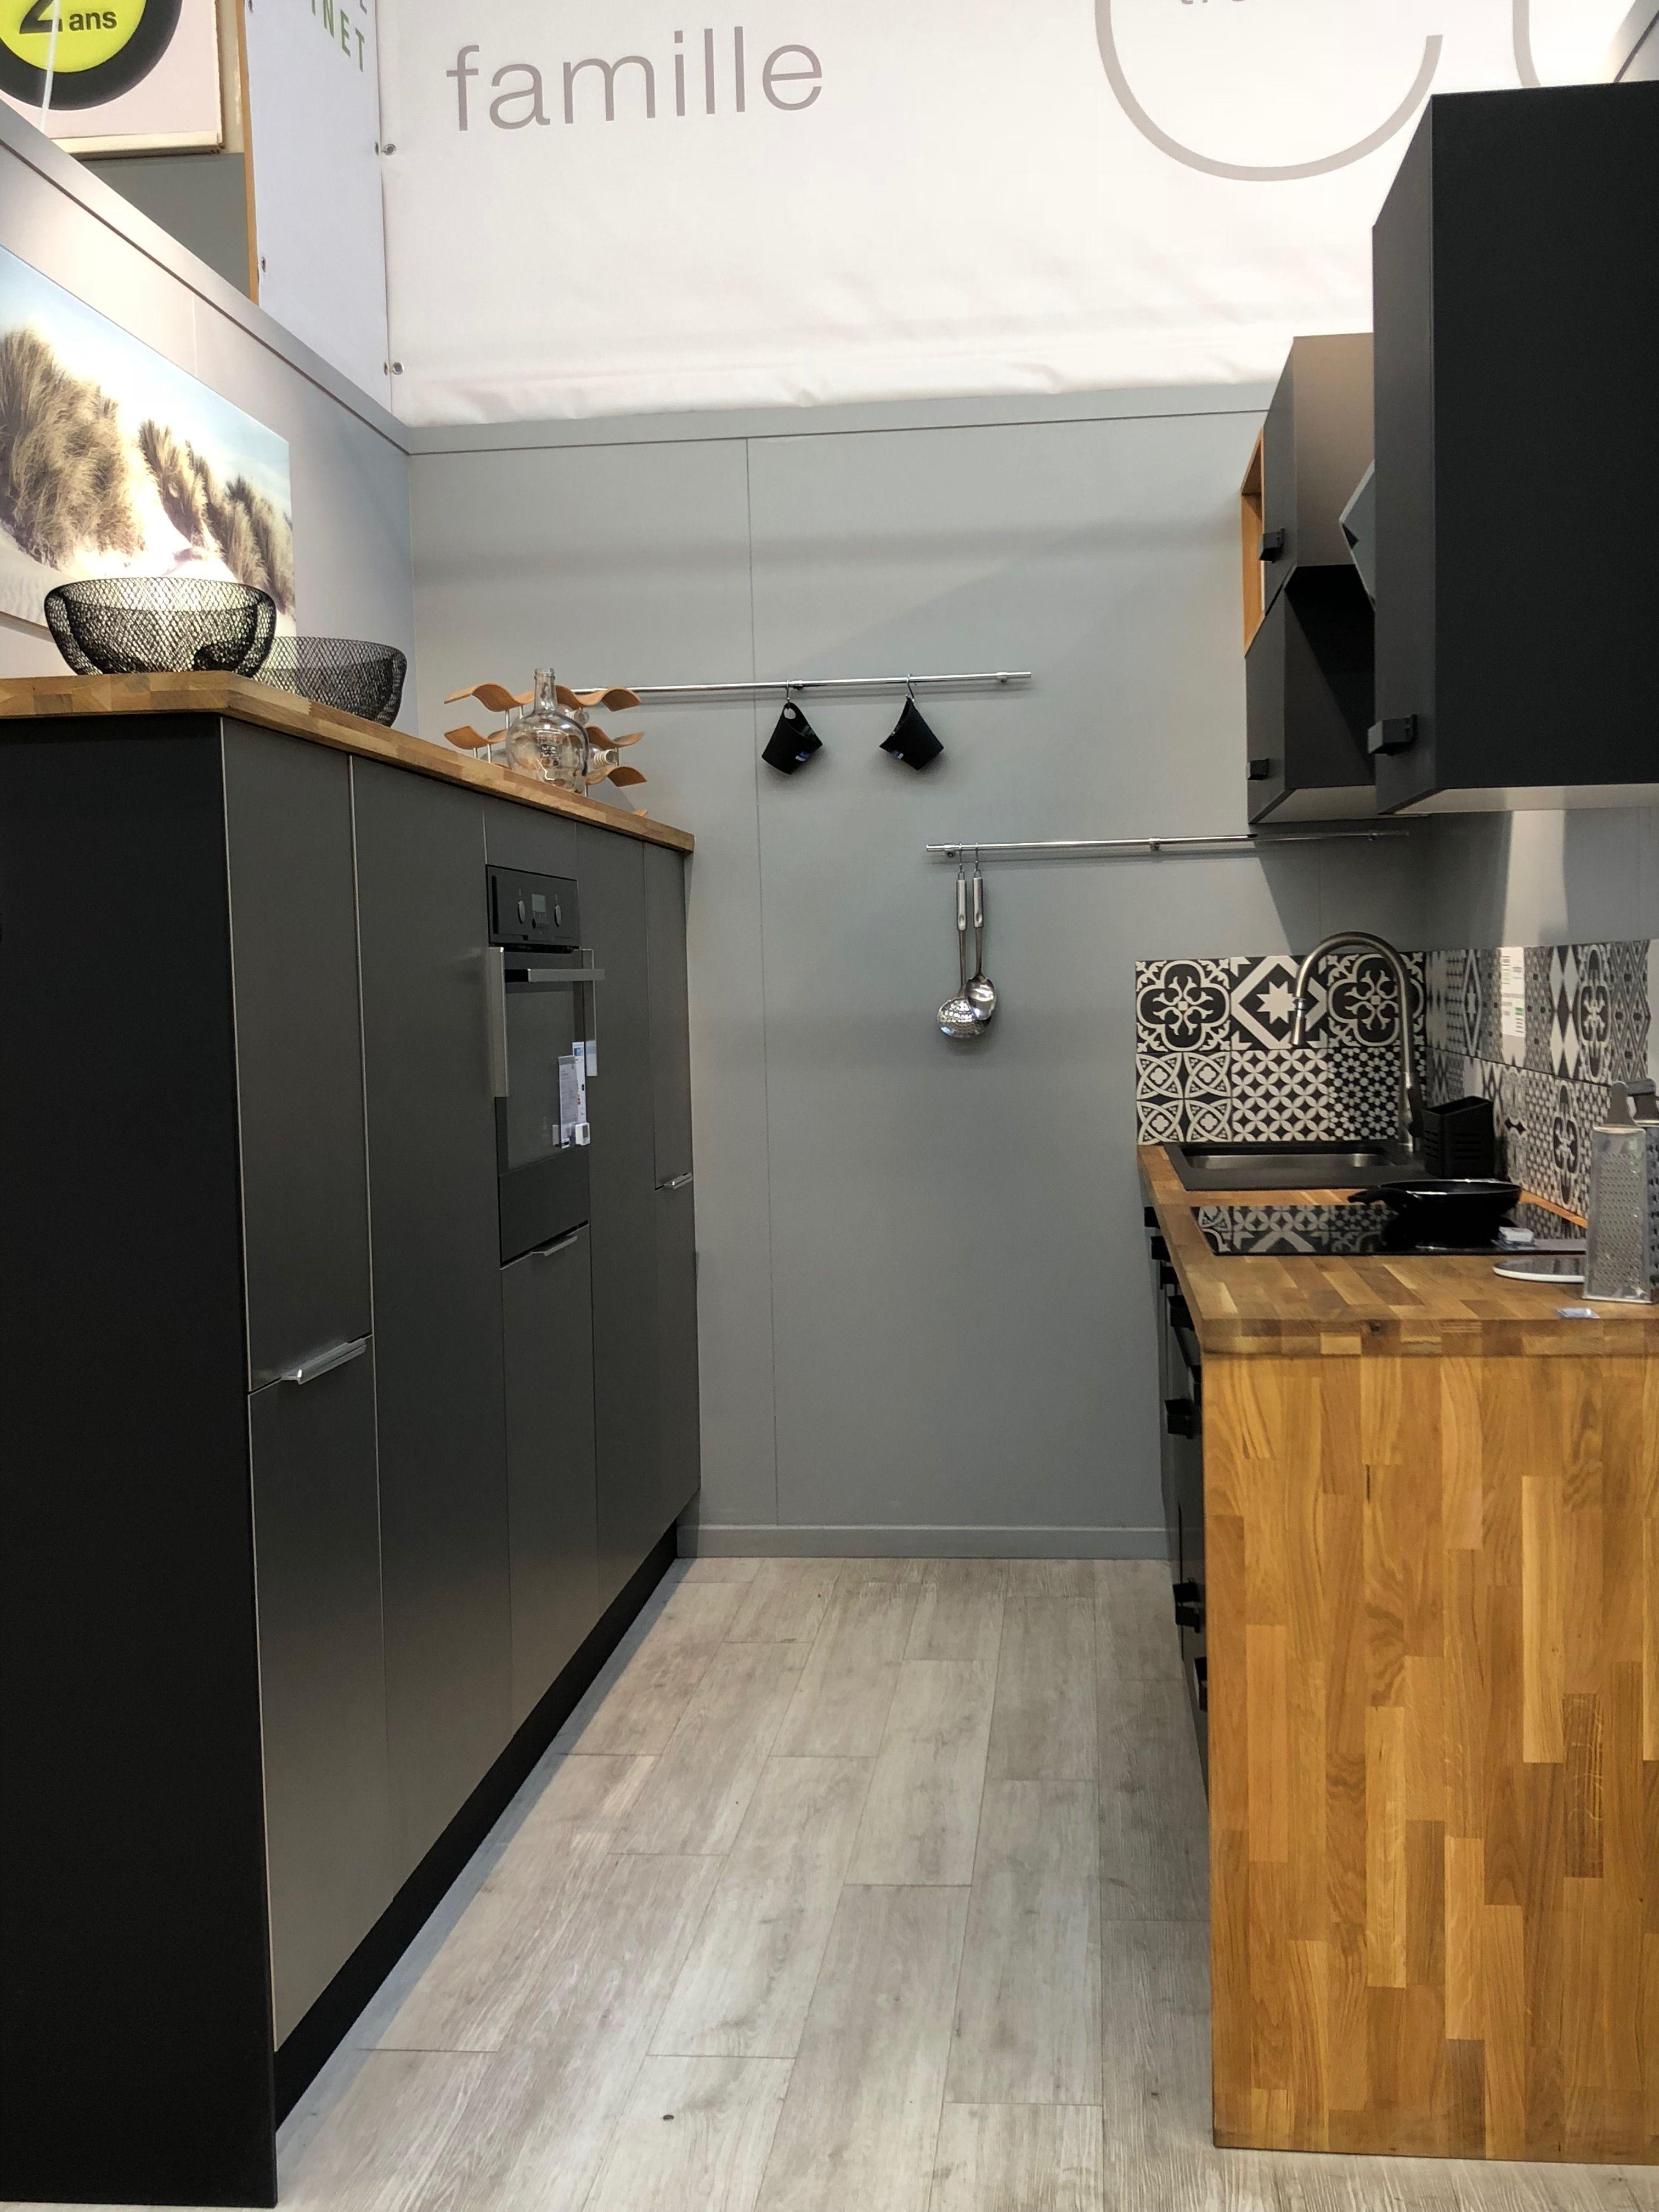 Cuisine Noir Mat Et Bois Style Industriel Idee Bricolage Maison Cuisine Noire Cuisine Noir Mat